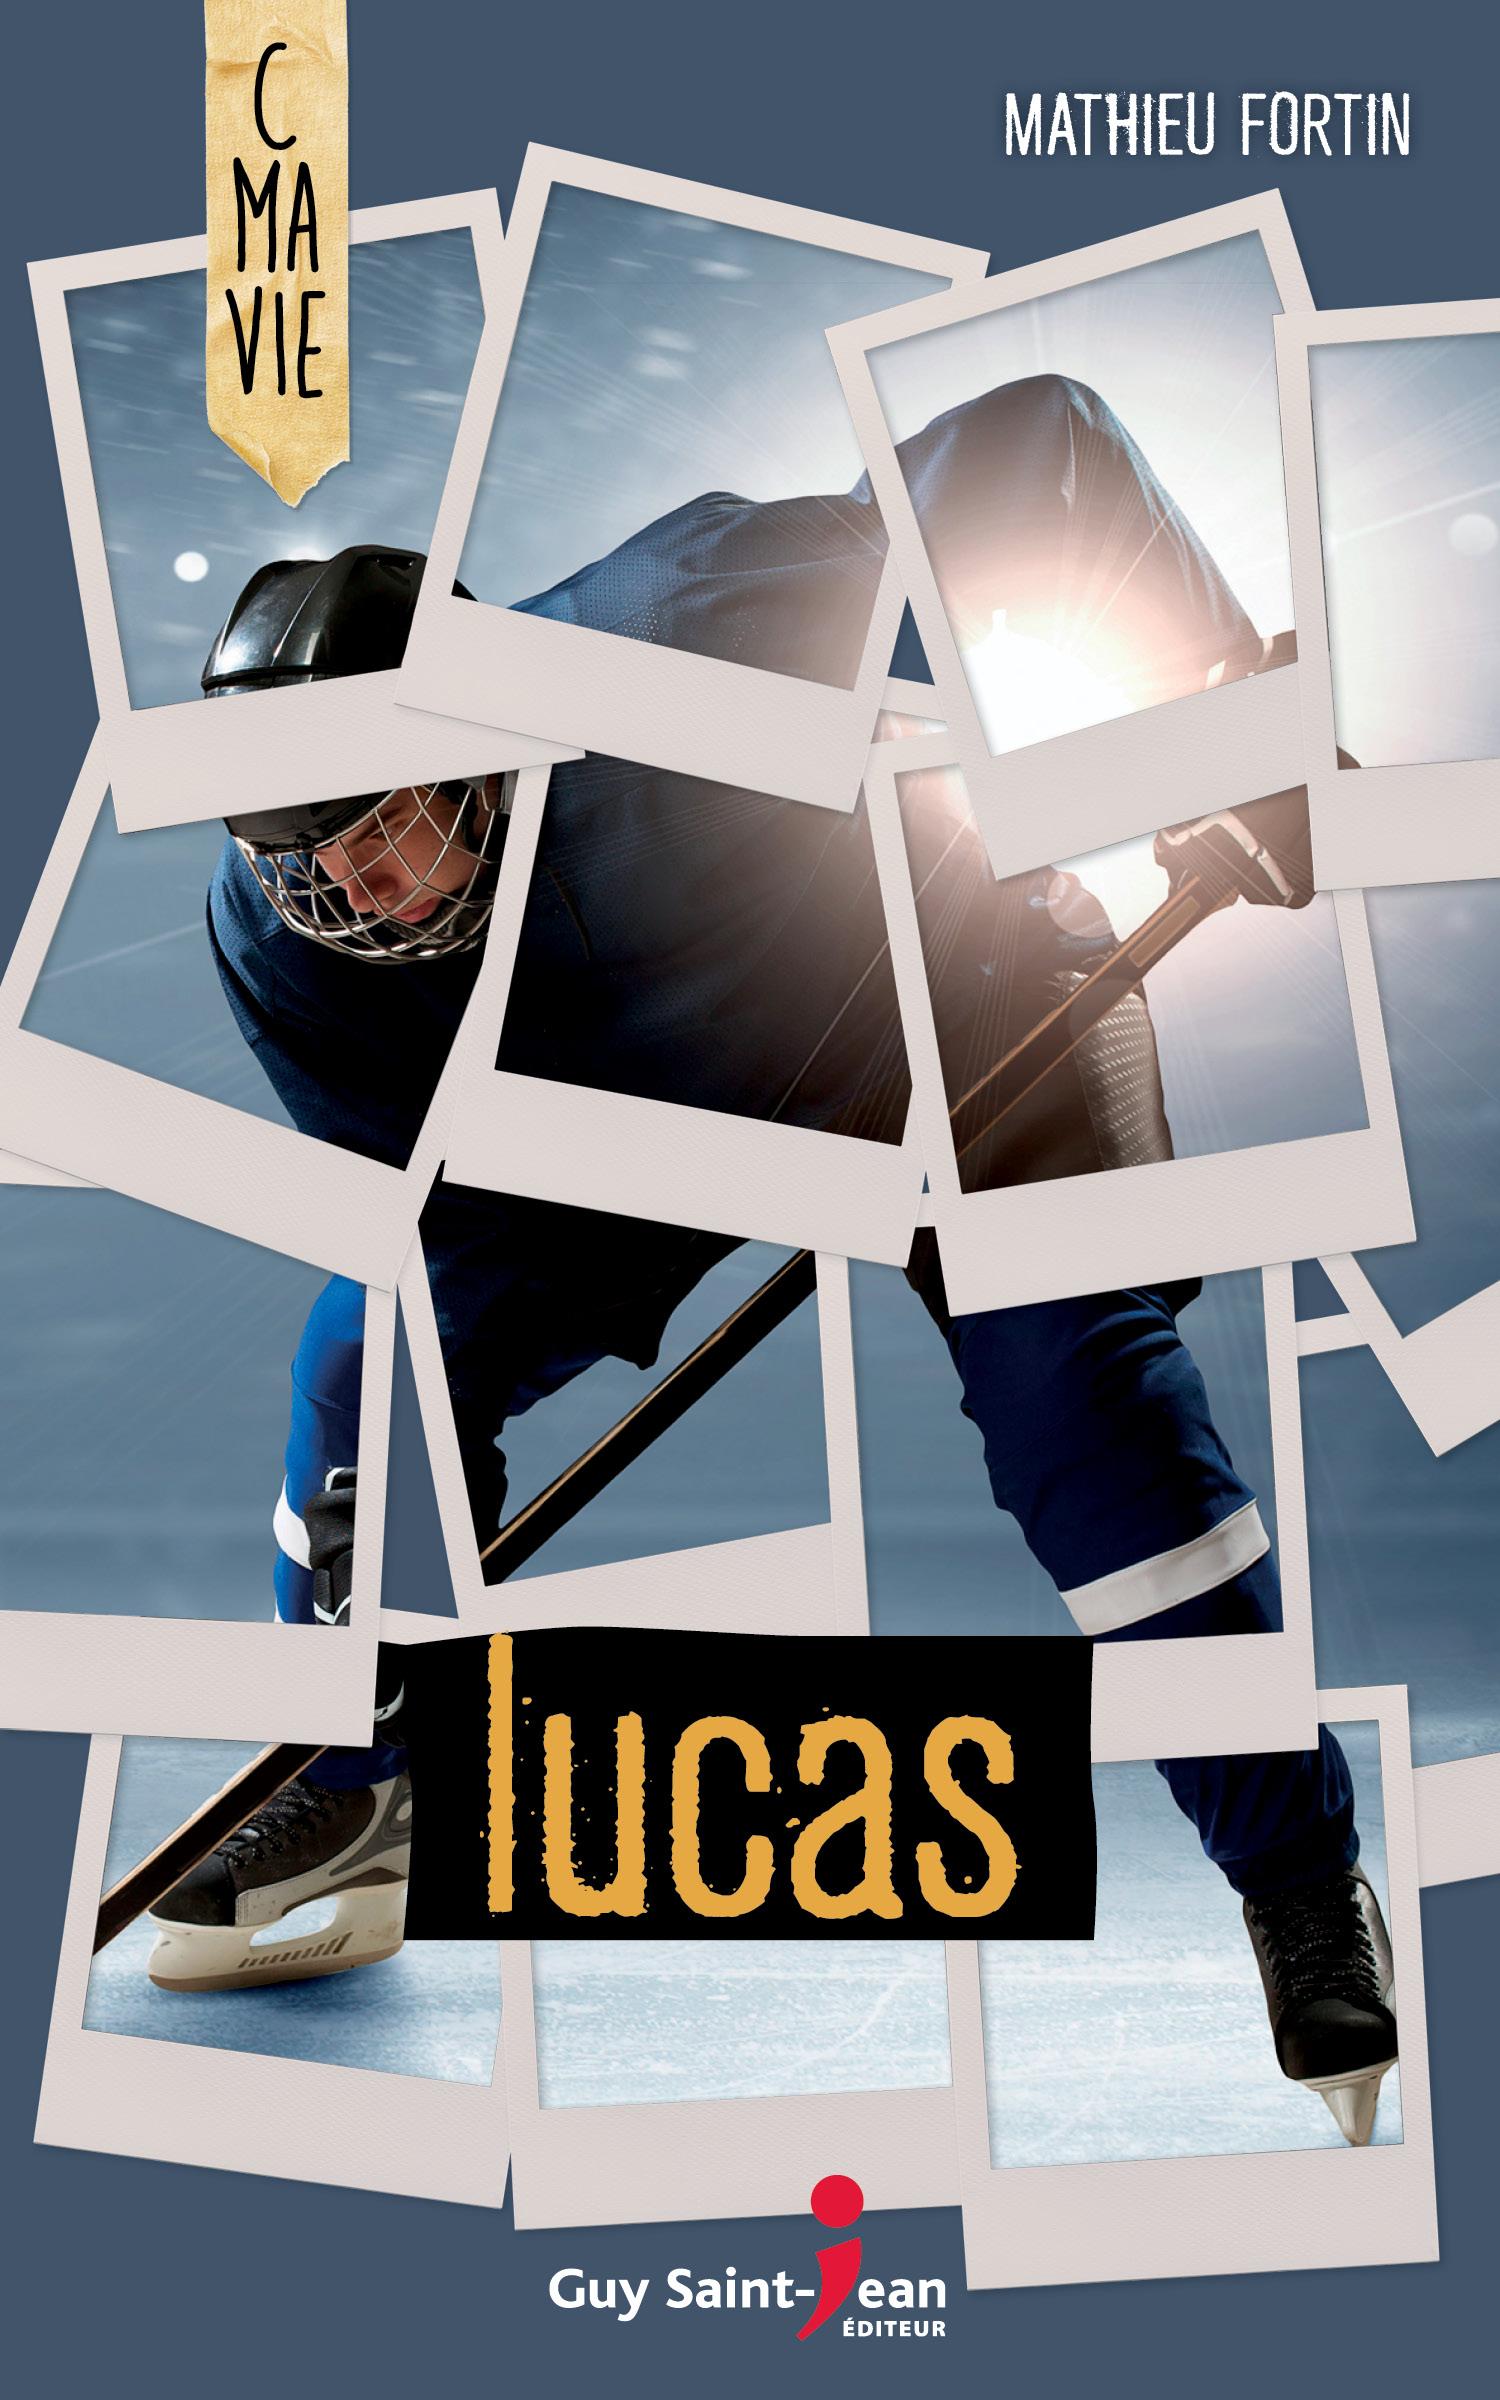 c1_cmavie_lucas_hr